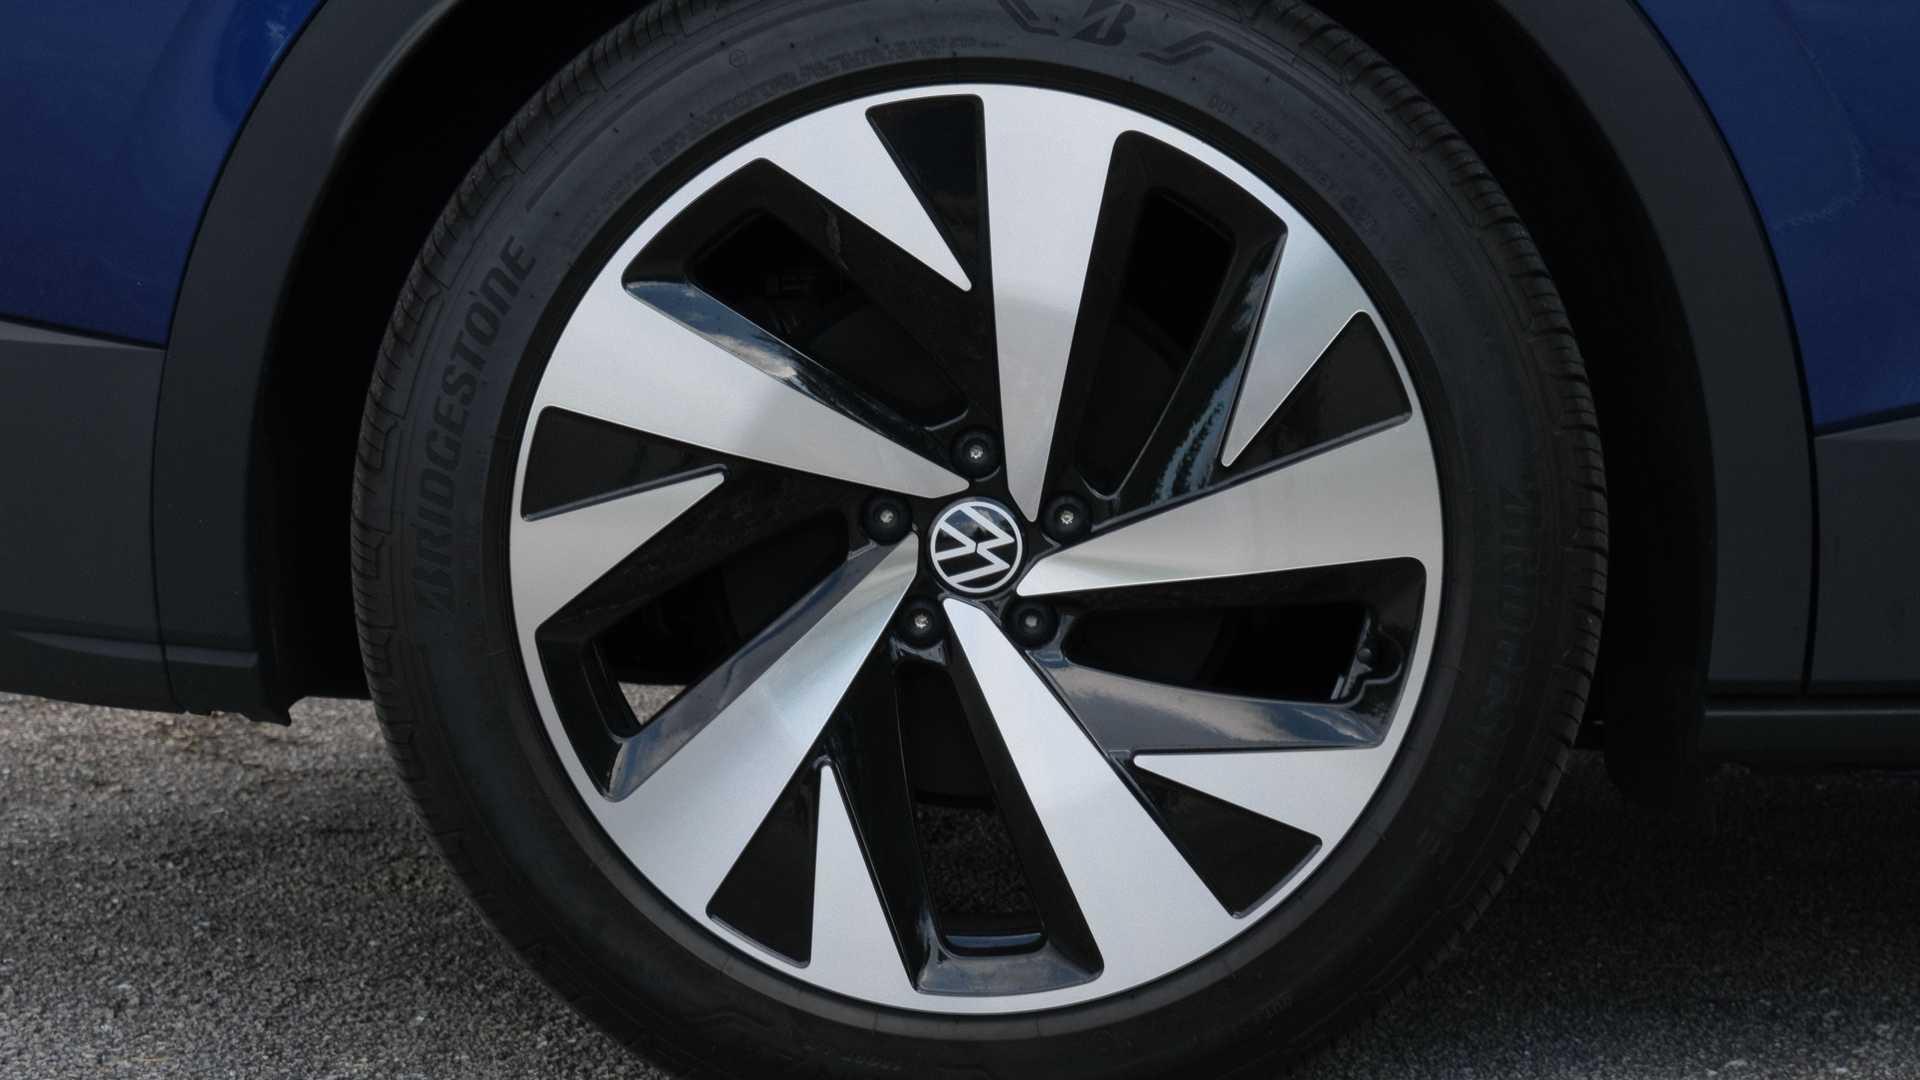 فولكس واجن آي دي. 4 الإصدارة الأول 2021 - تصميم العجلات